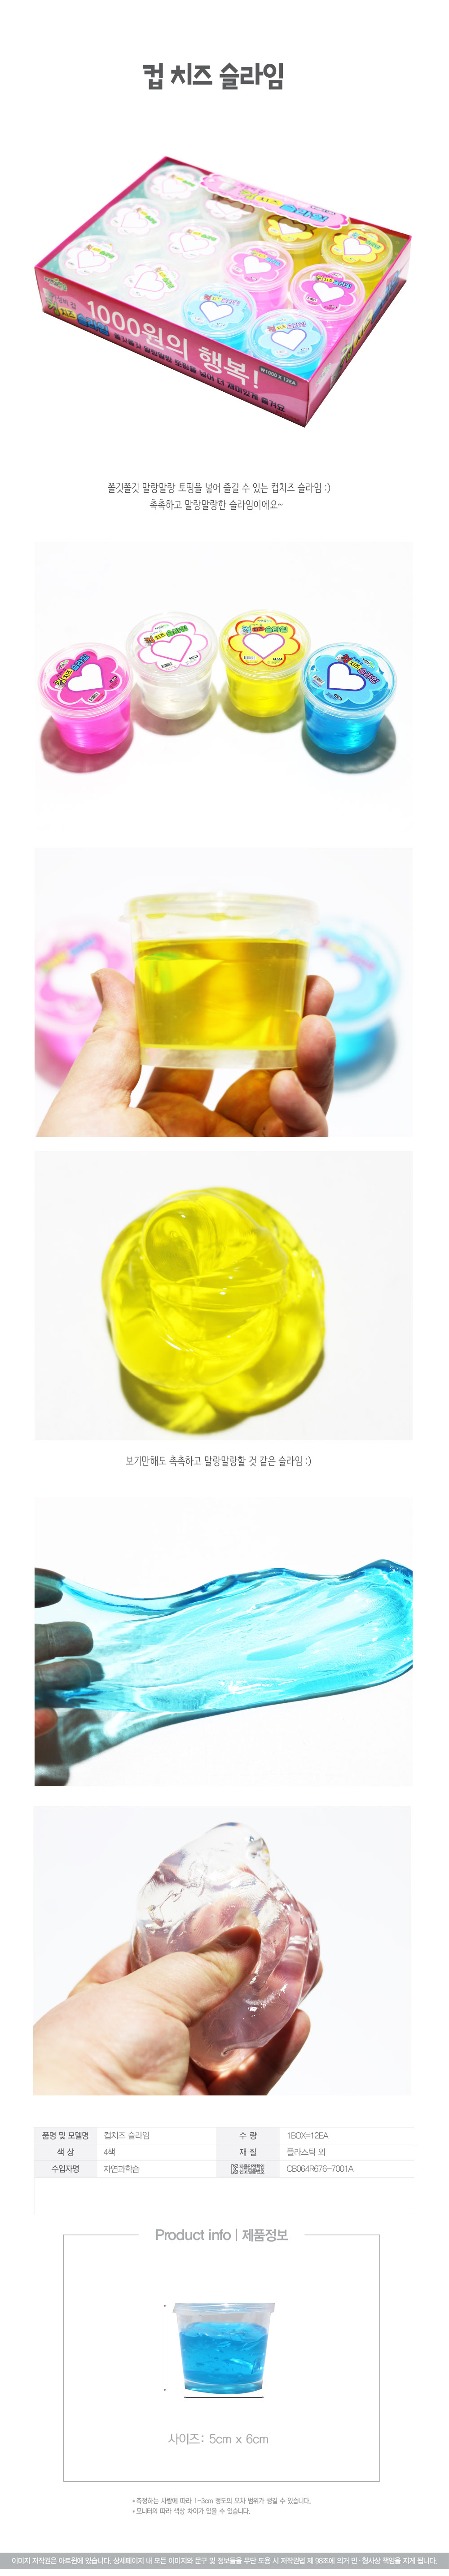 1000컵치즈슬라임BOX - 아트윈, 11,900원, 작동완구, 슬라임